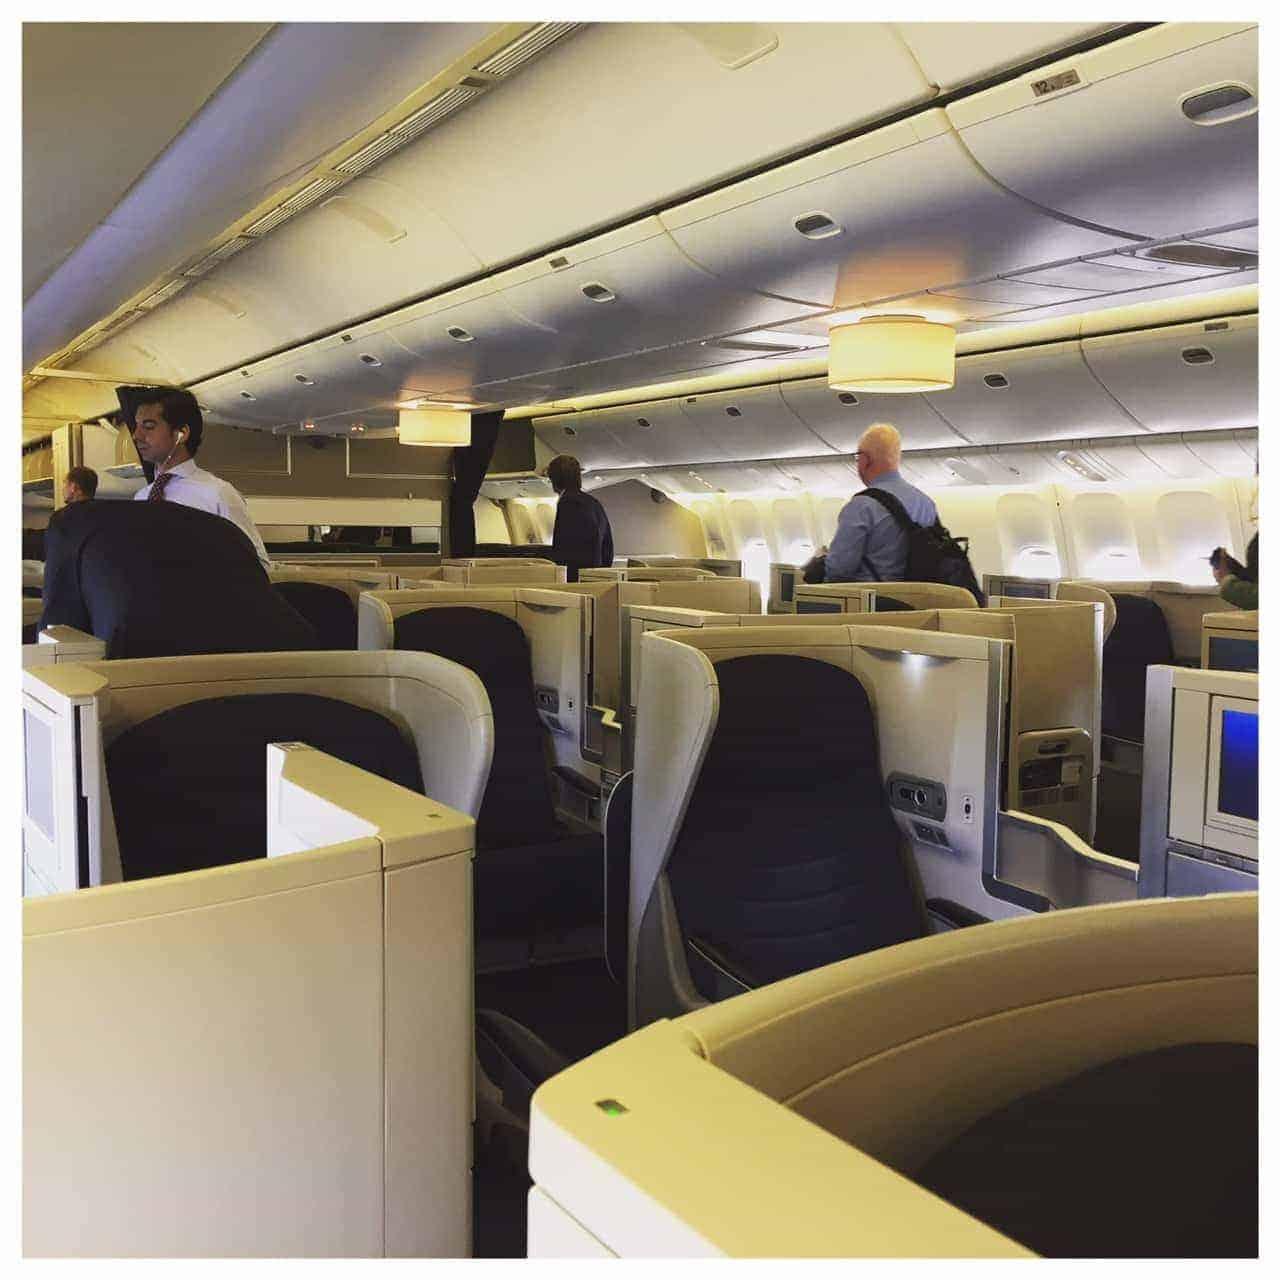 British Airways Club Europe to Madrid